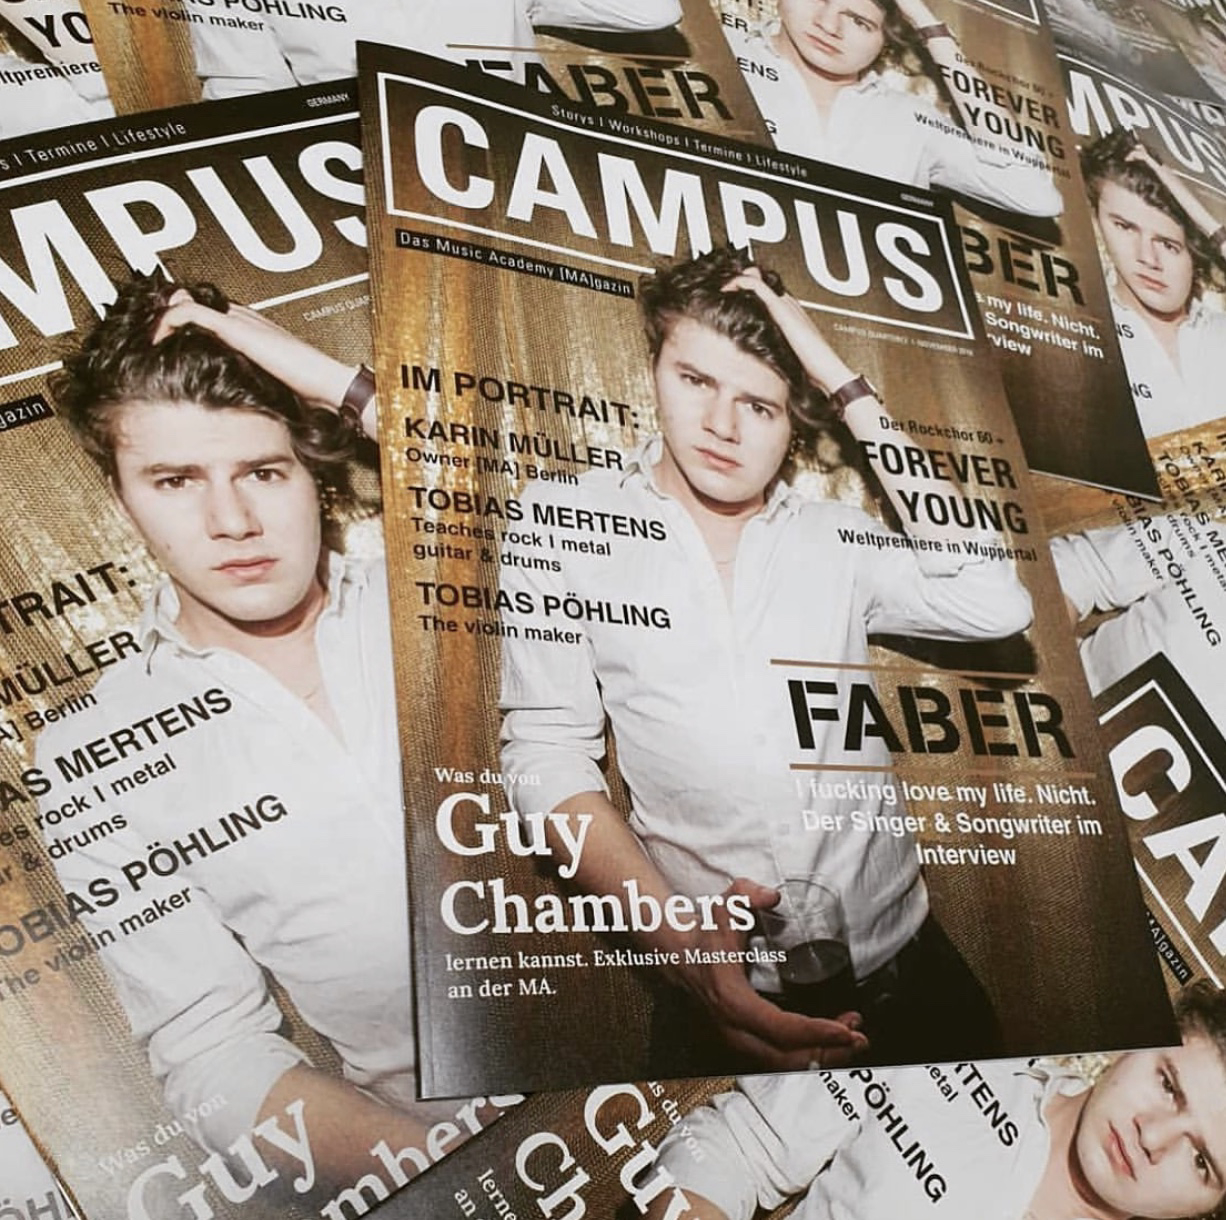 CAMPUS - das Music Academy [MA]gazine